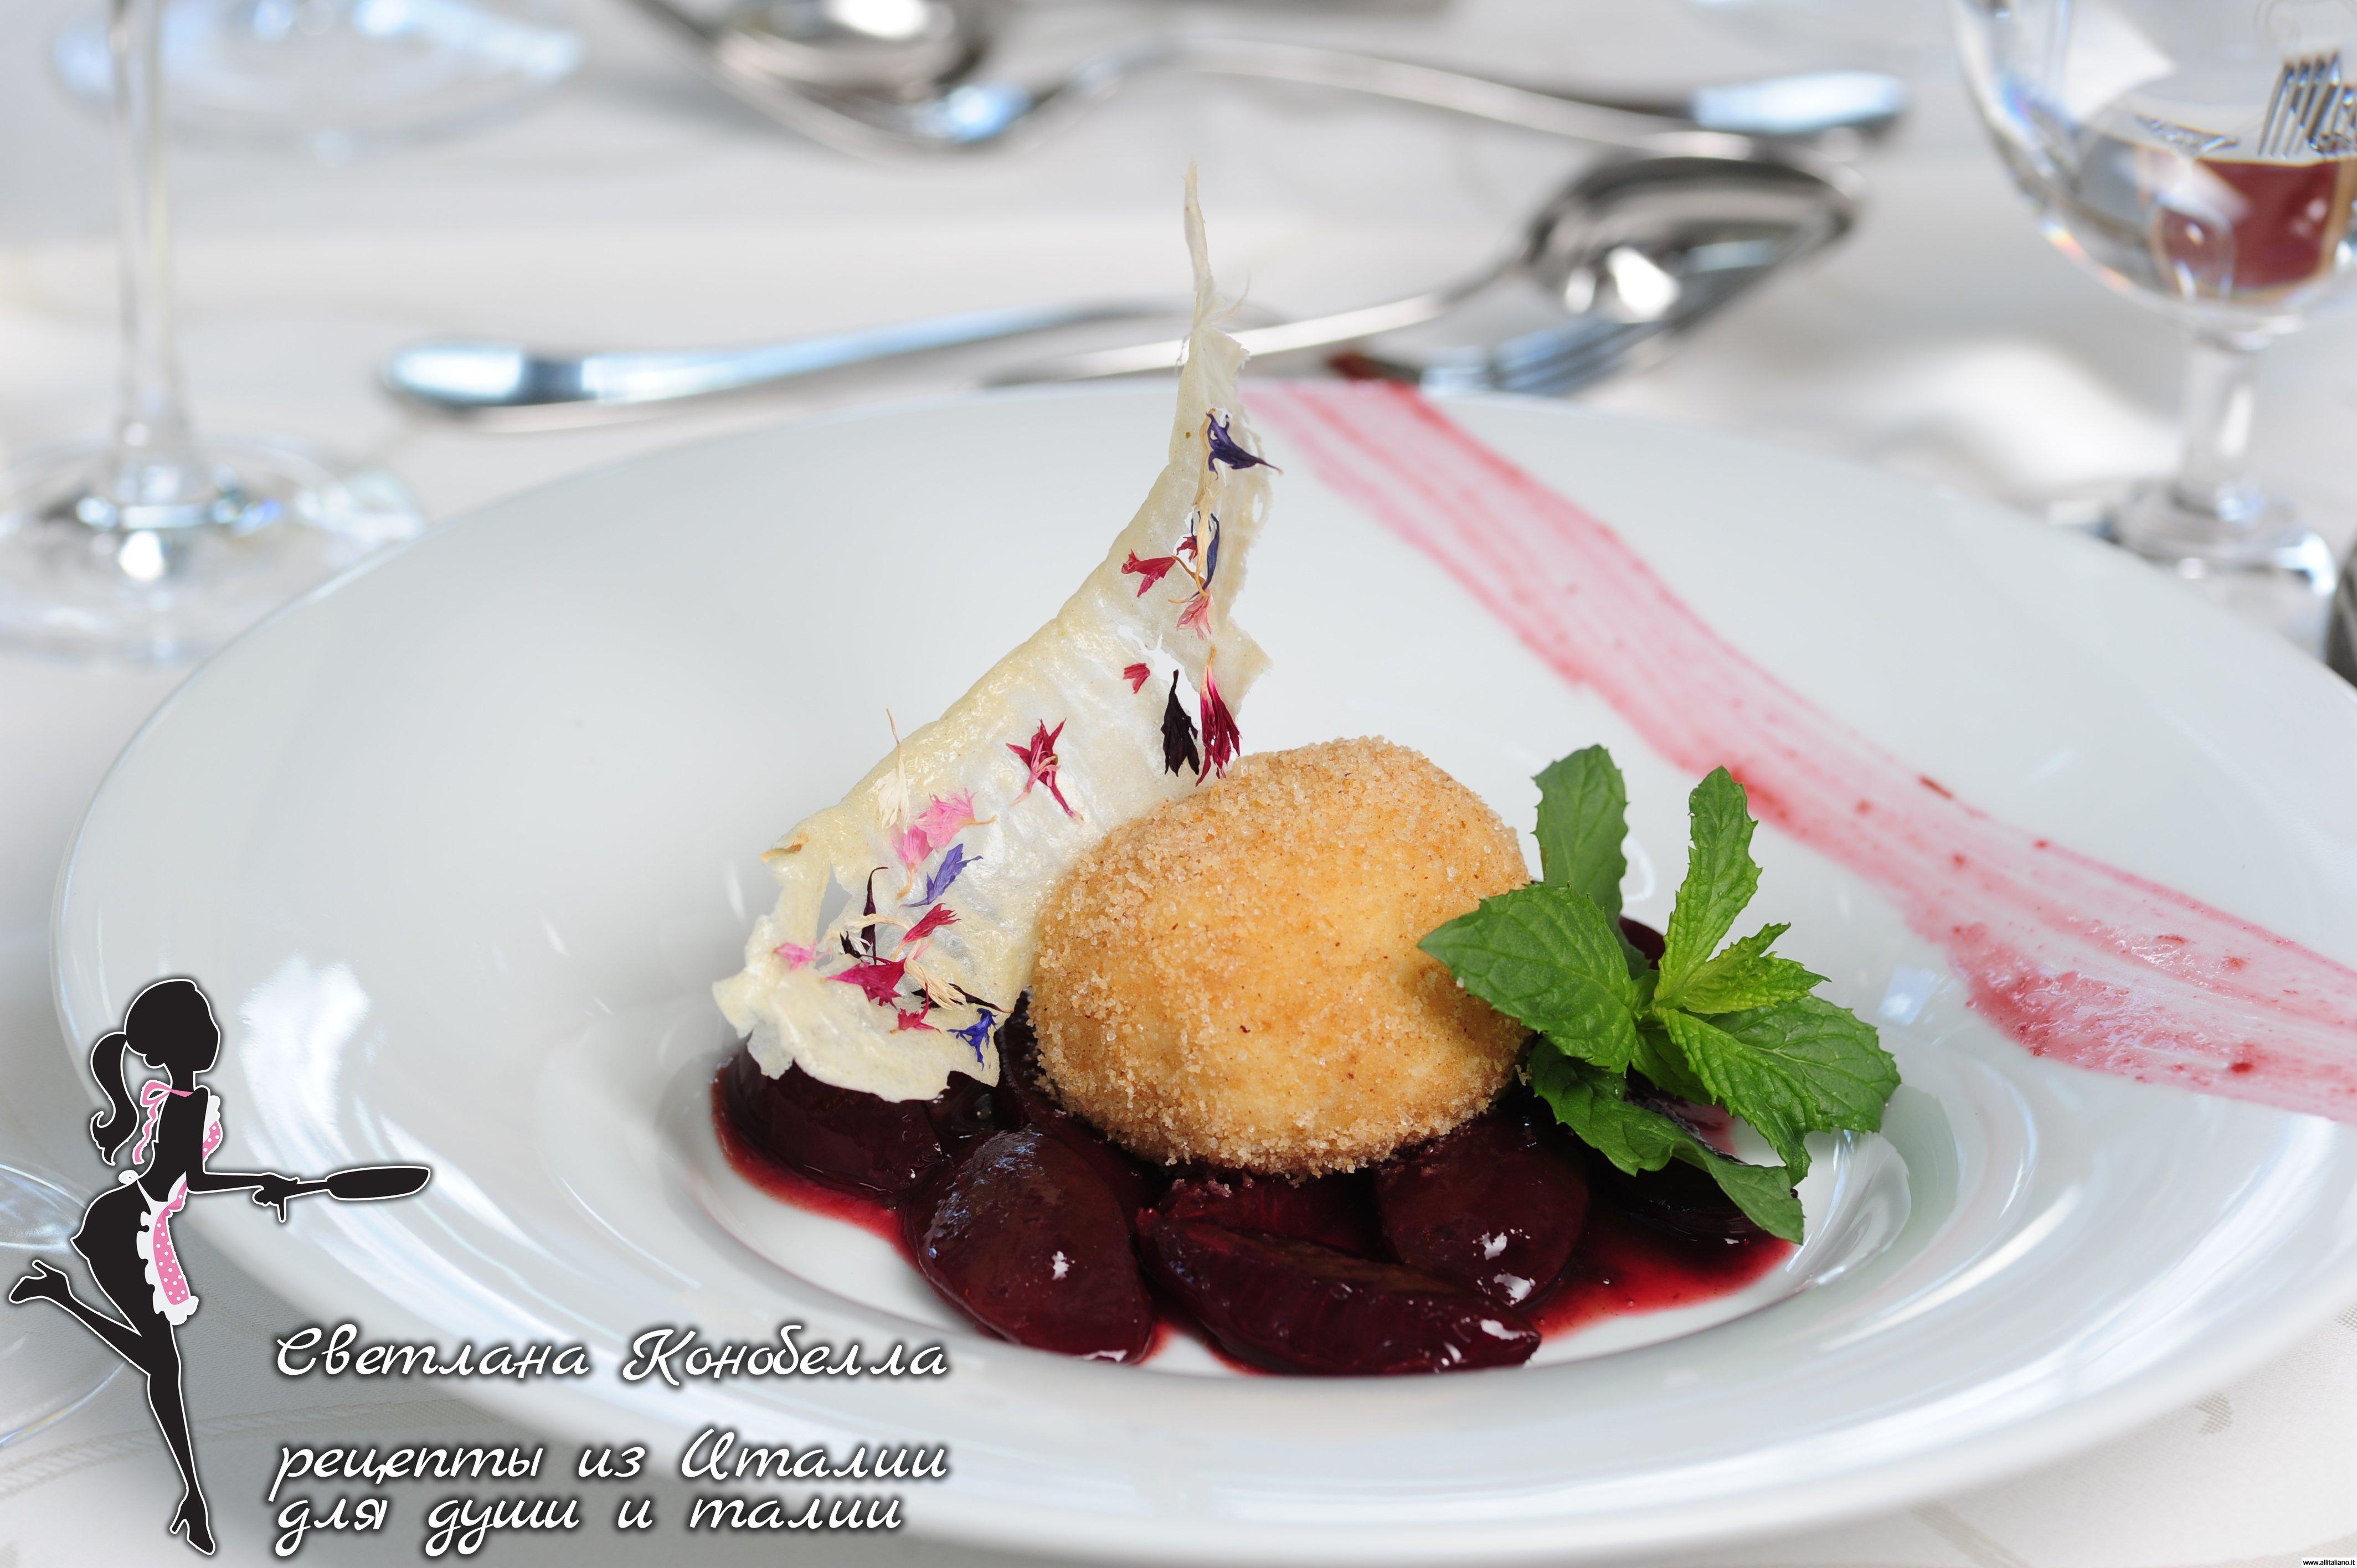 Martin-Kiem-Svetlana-Konobella-rezepty-deserd-dolce-chef-povar-italjanskaja-kuhnia (3)